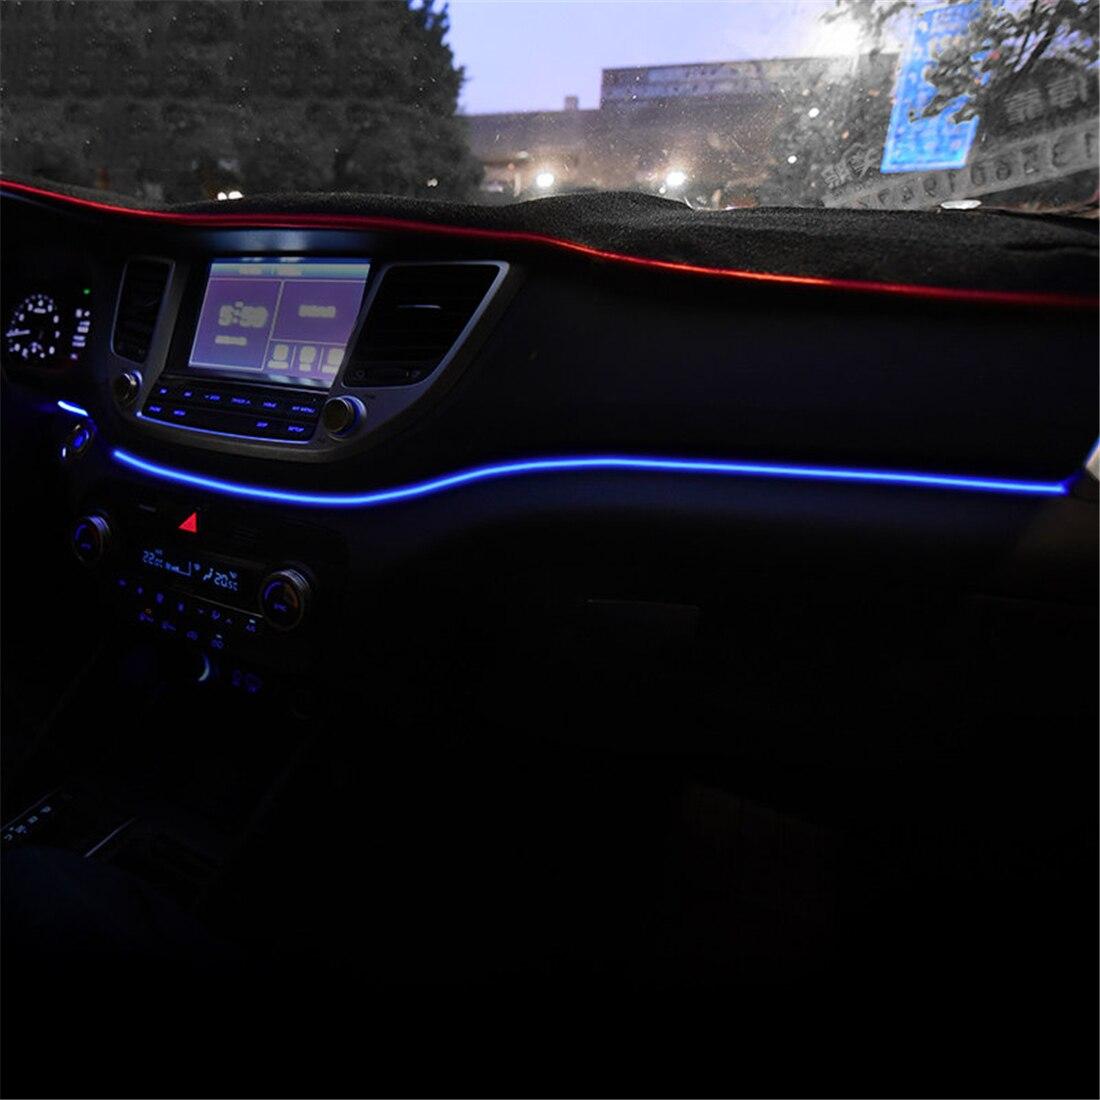 Painel de instrumentos Guarnição Atmosfera de Luz Para Hyundai Tucson 2015 2016 Moldura Do Painel Interior LED Azul Luz Para Tucson 2017 2018